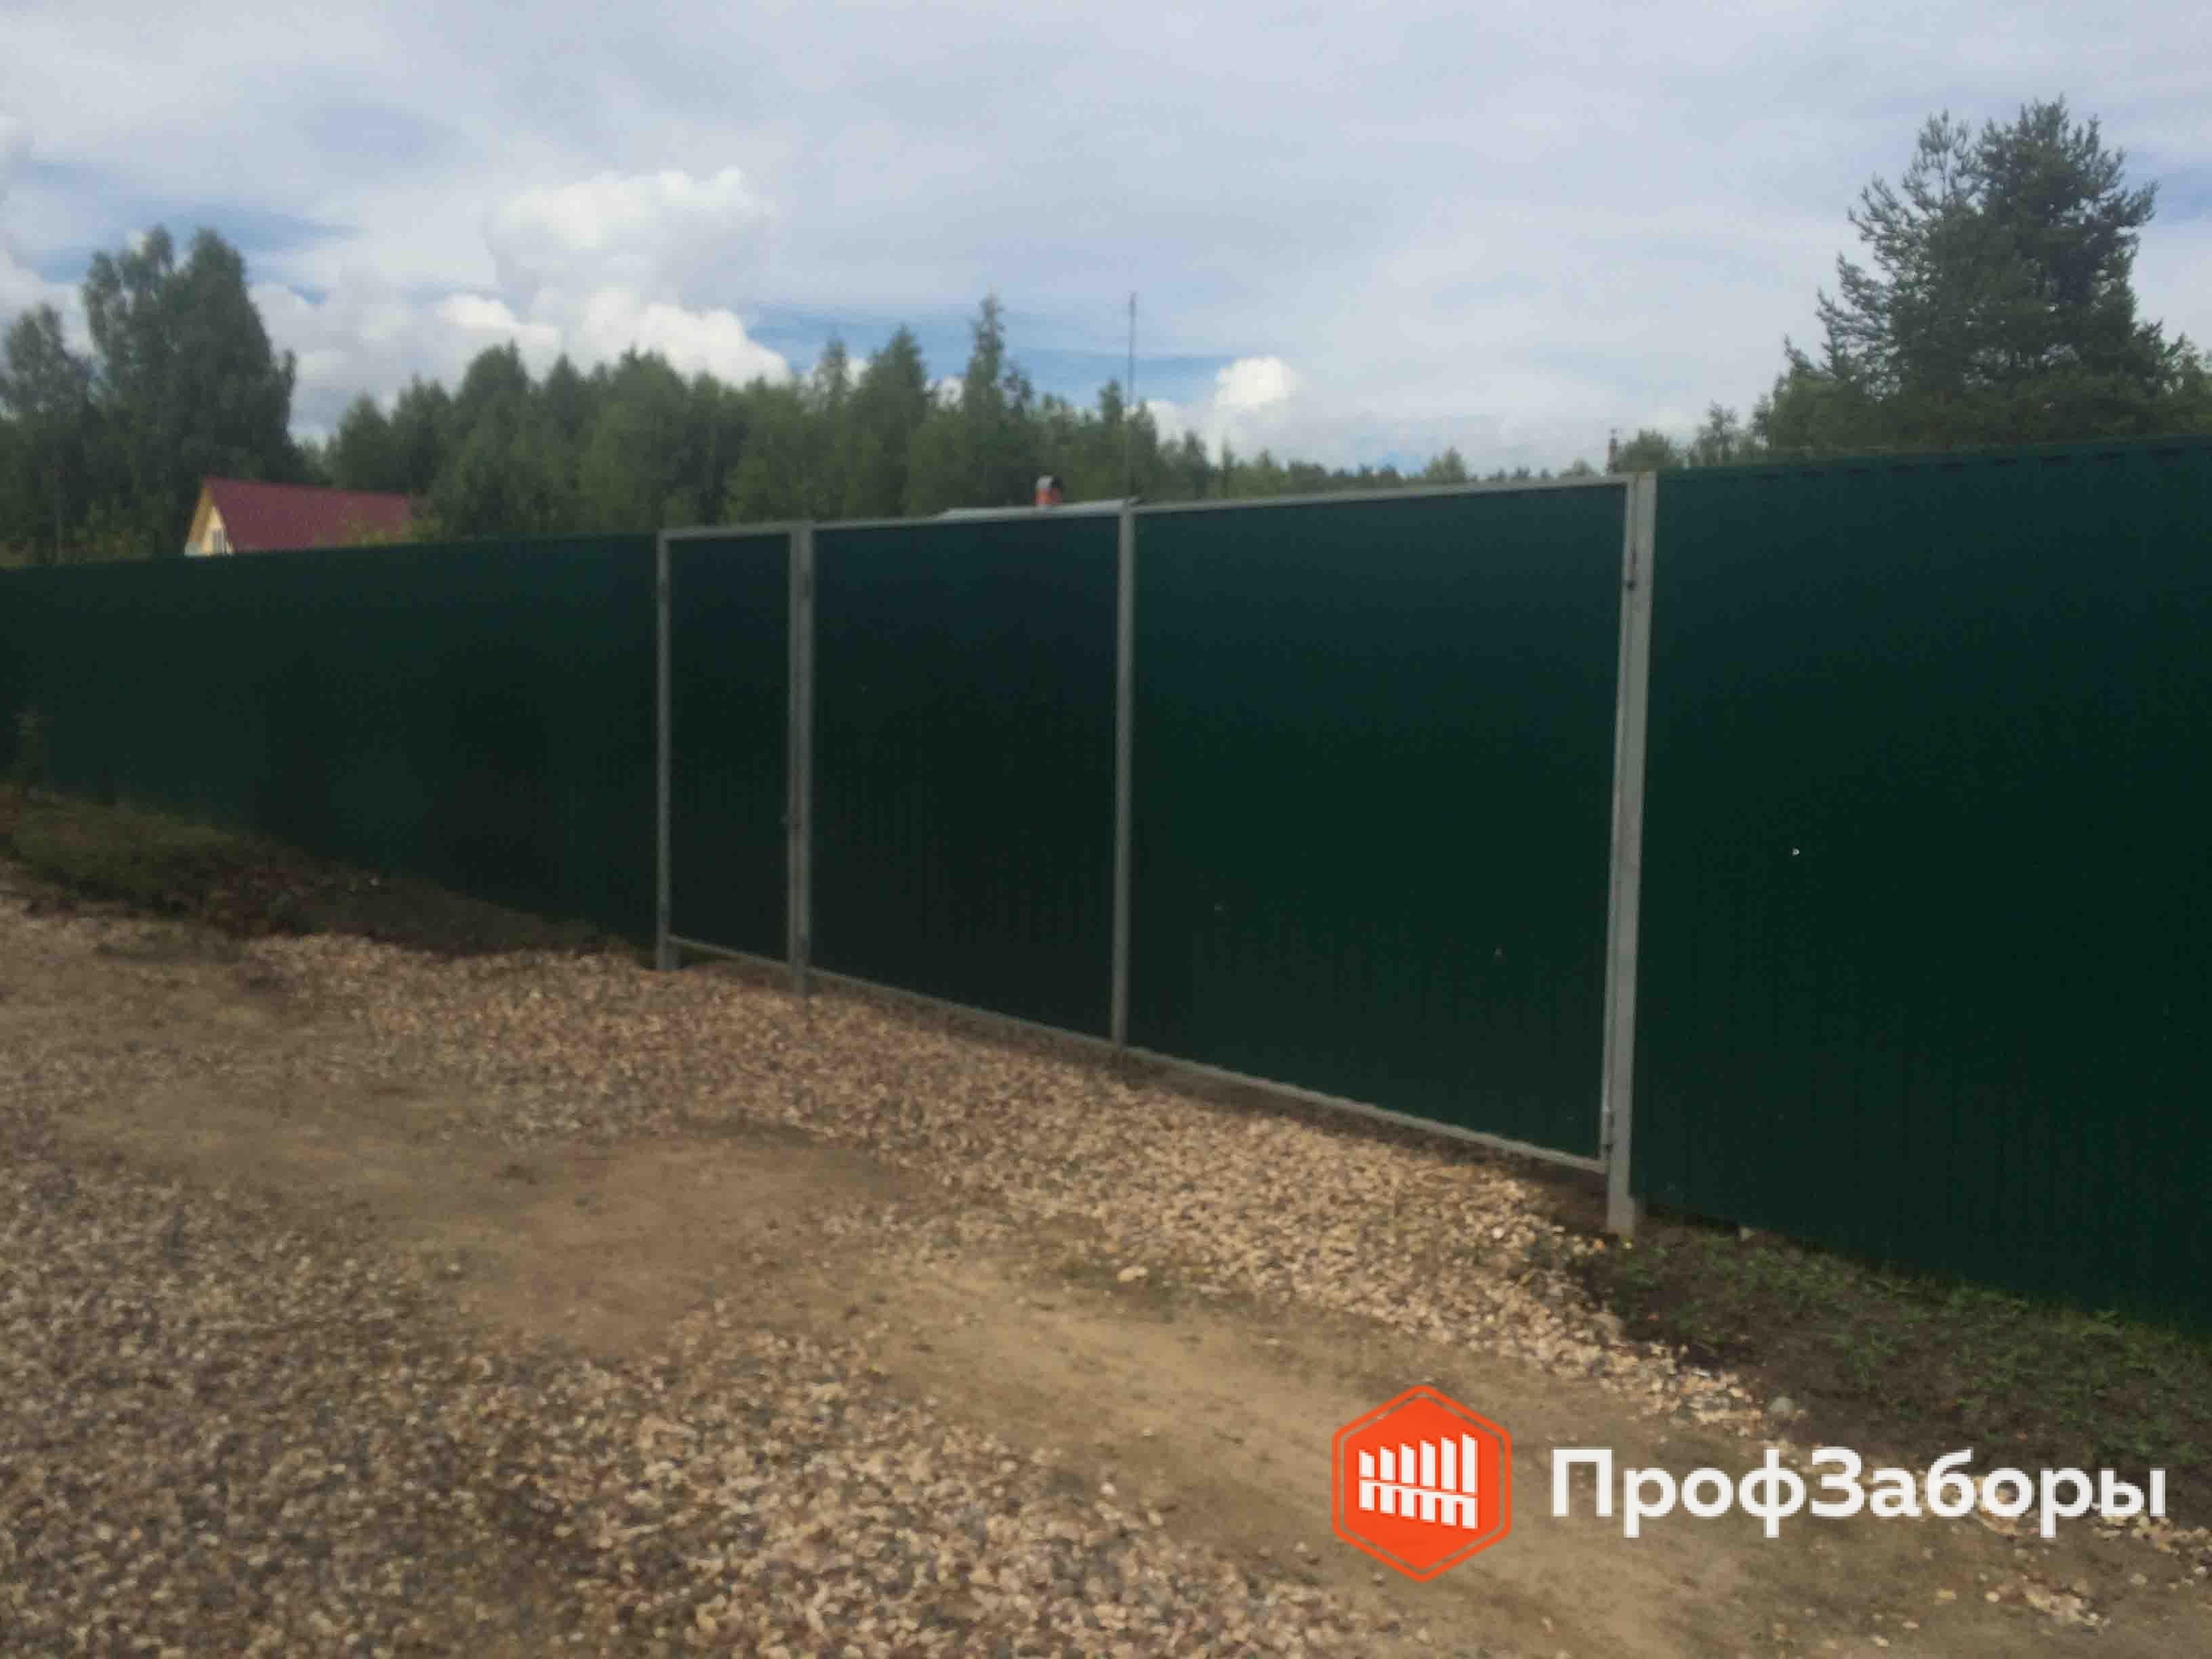 Заборы Из профнастила  - Пушкинский район. Фото 3